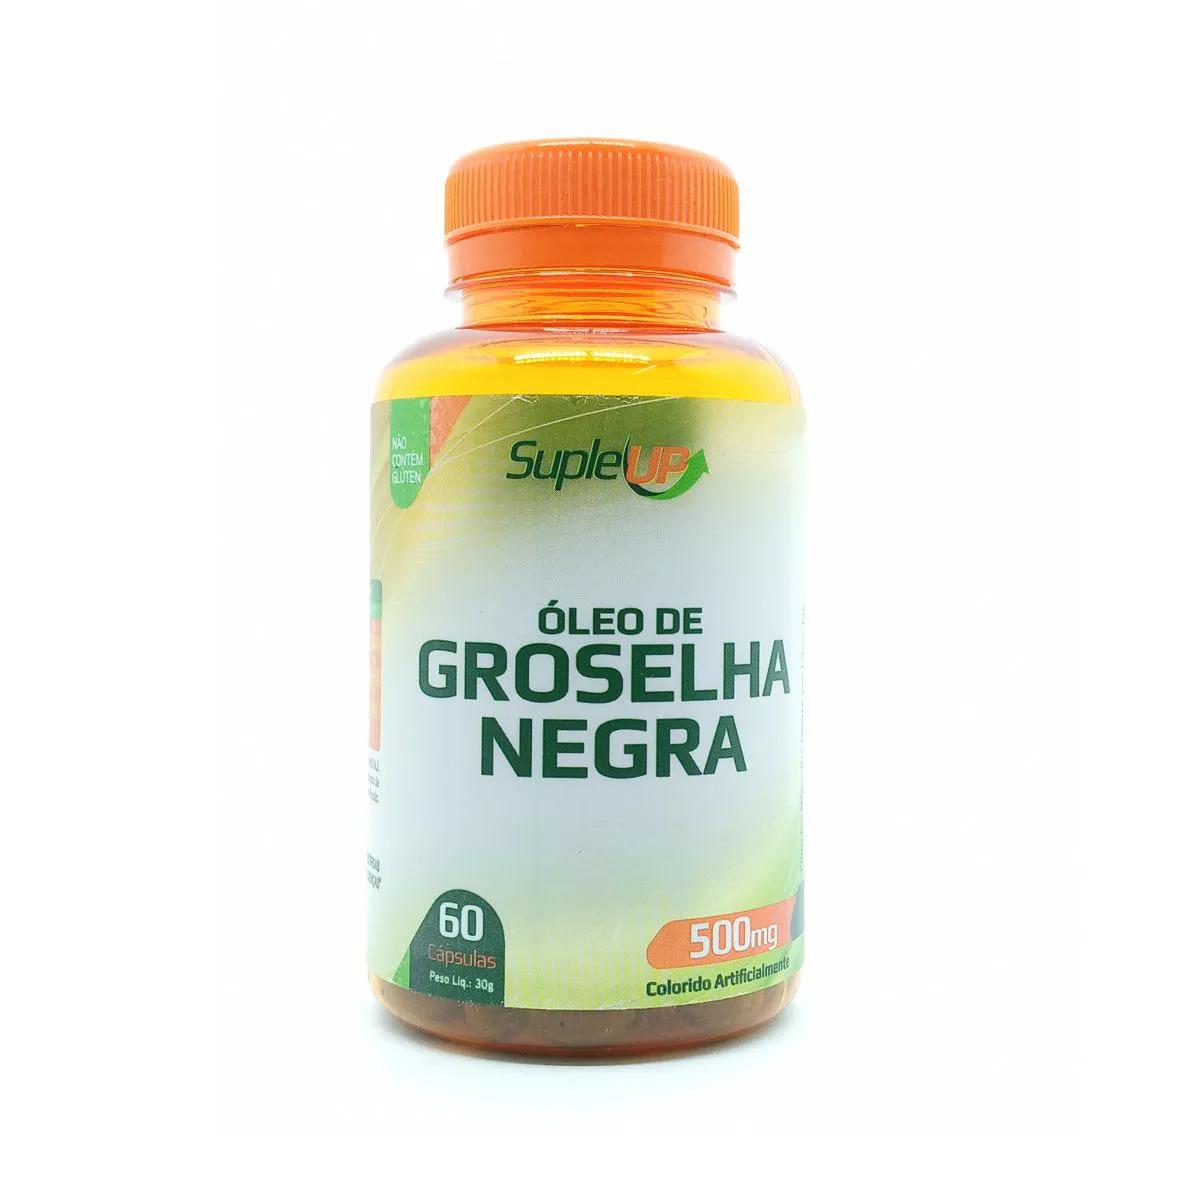 Óleo de Groselha Negra 500mg 60 cápsulas - Suple Up